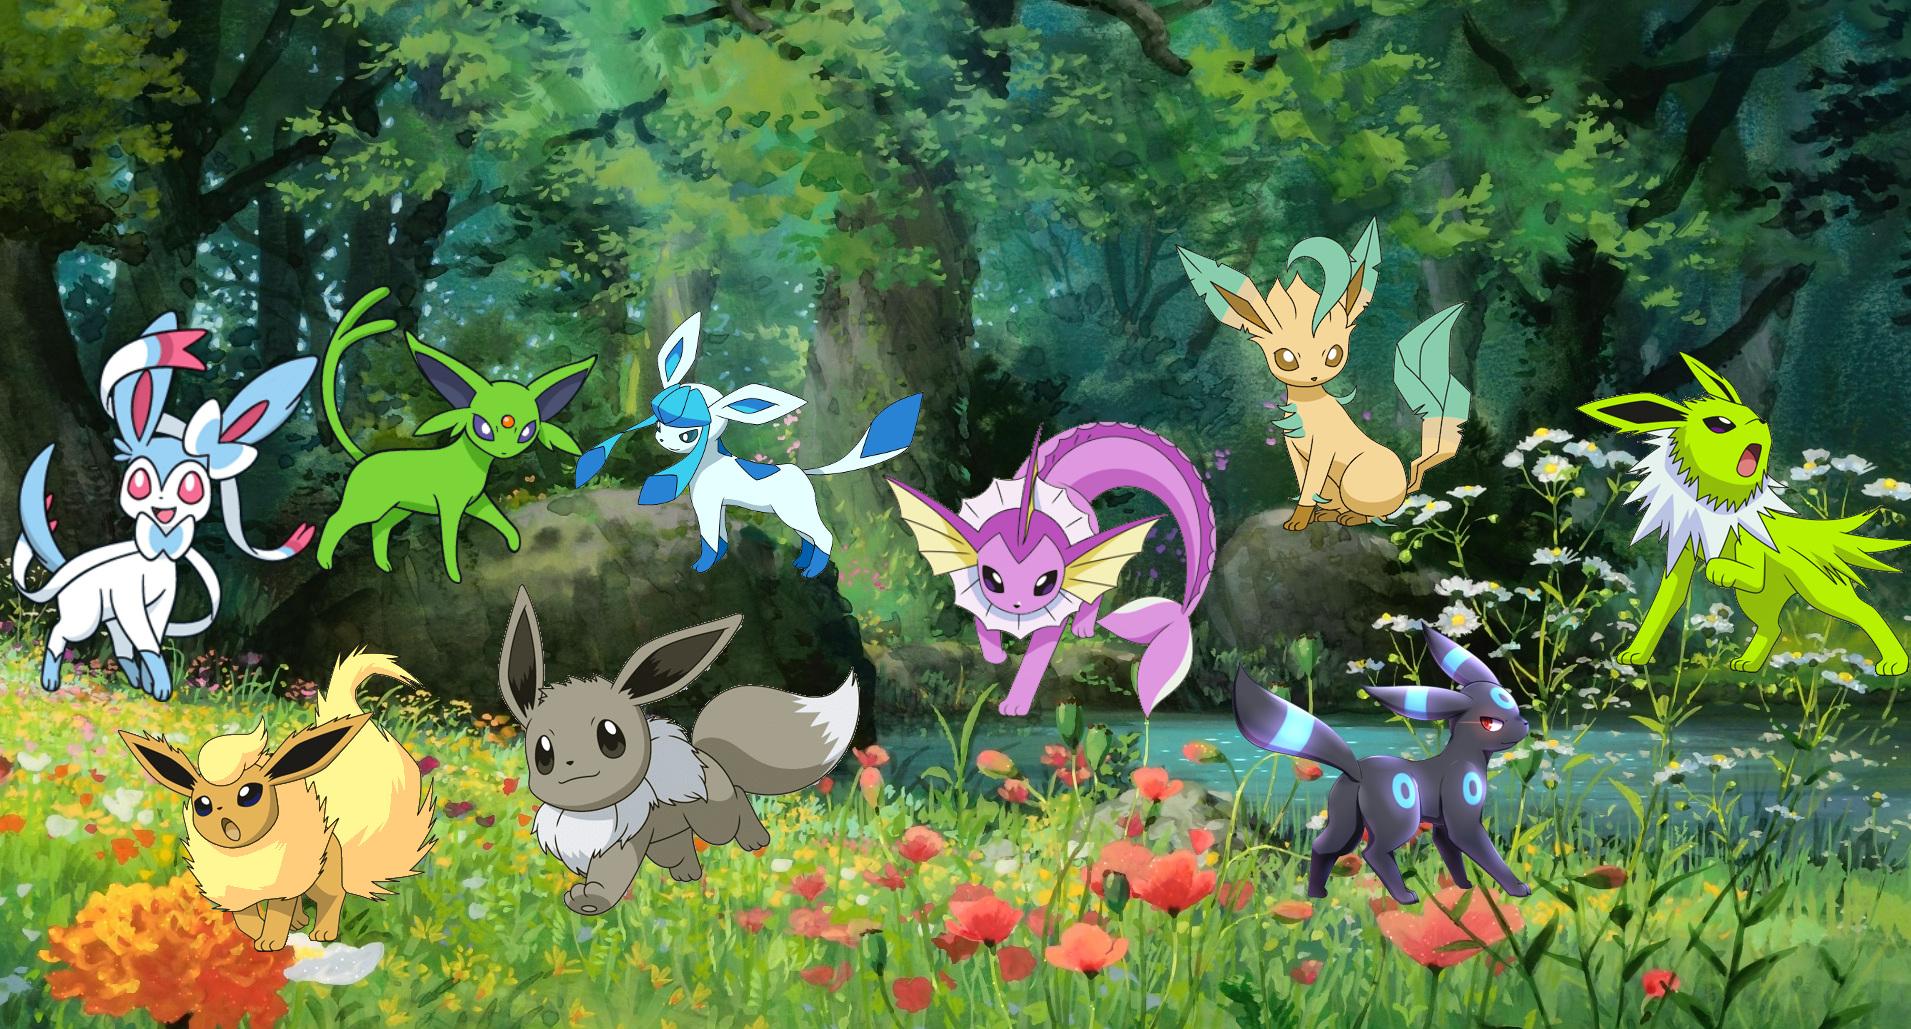 Eevee Pokemon Tên gian lận và làm thế nào để tìm thấy nó? 1